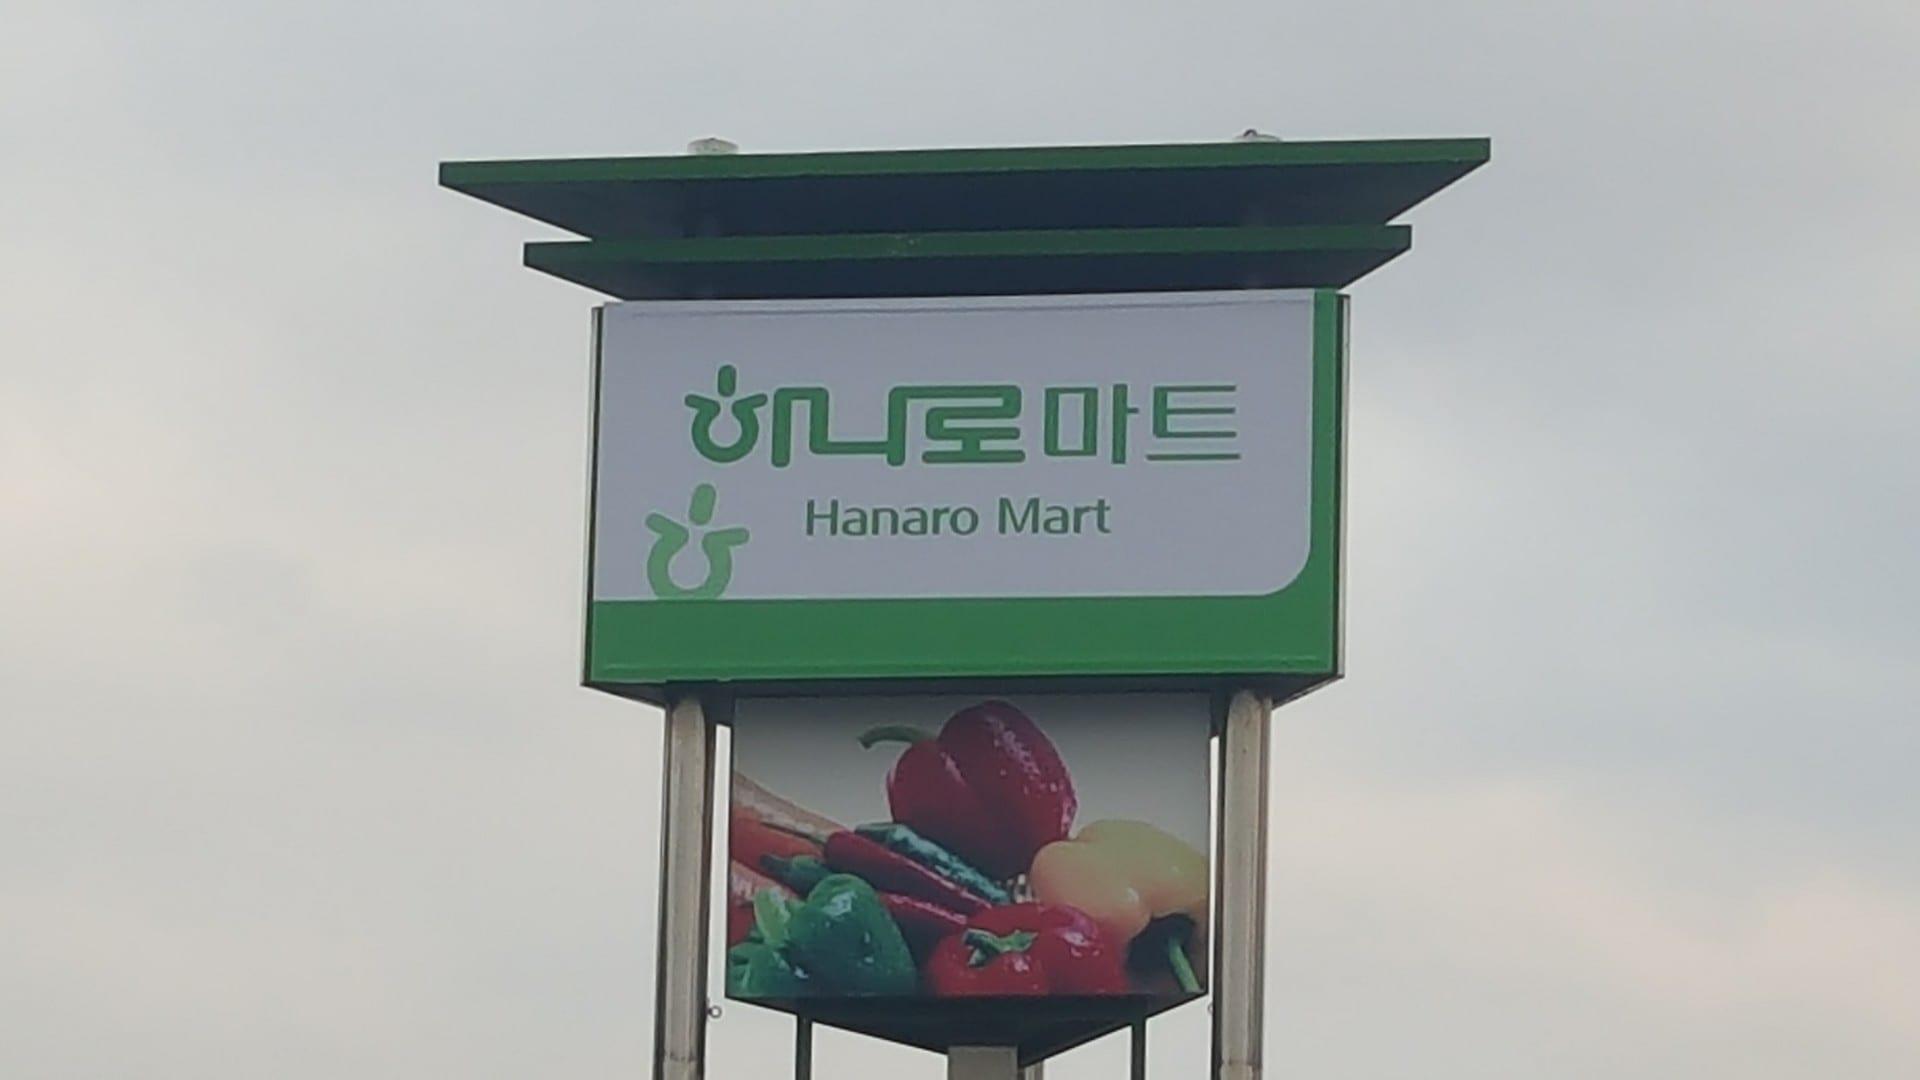 Hanaro mart Pyeongchang Corea del Sur